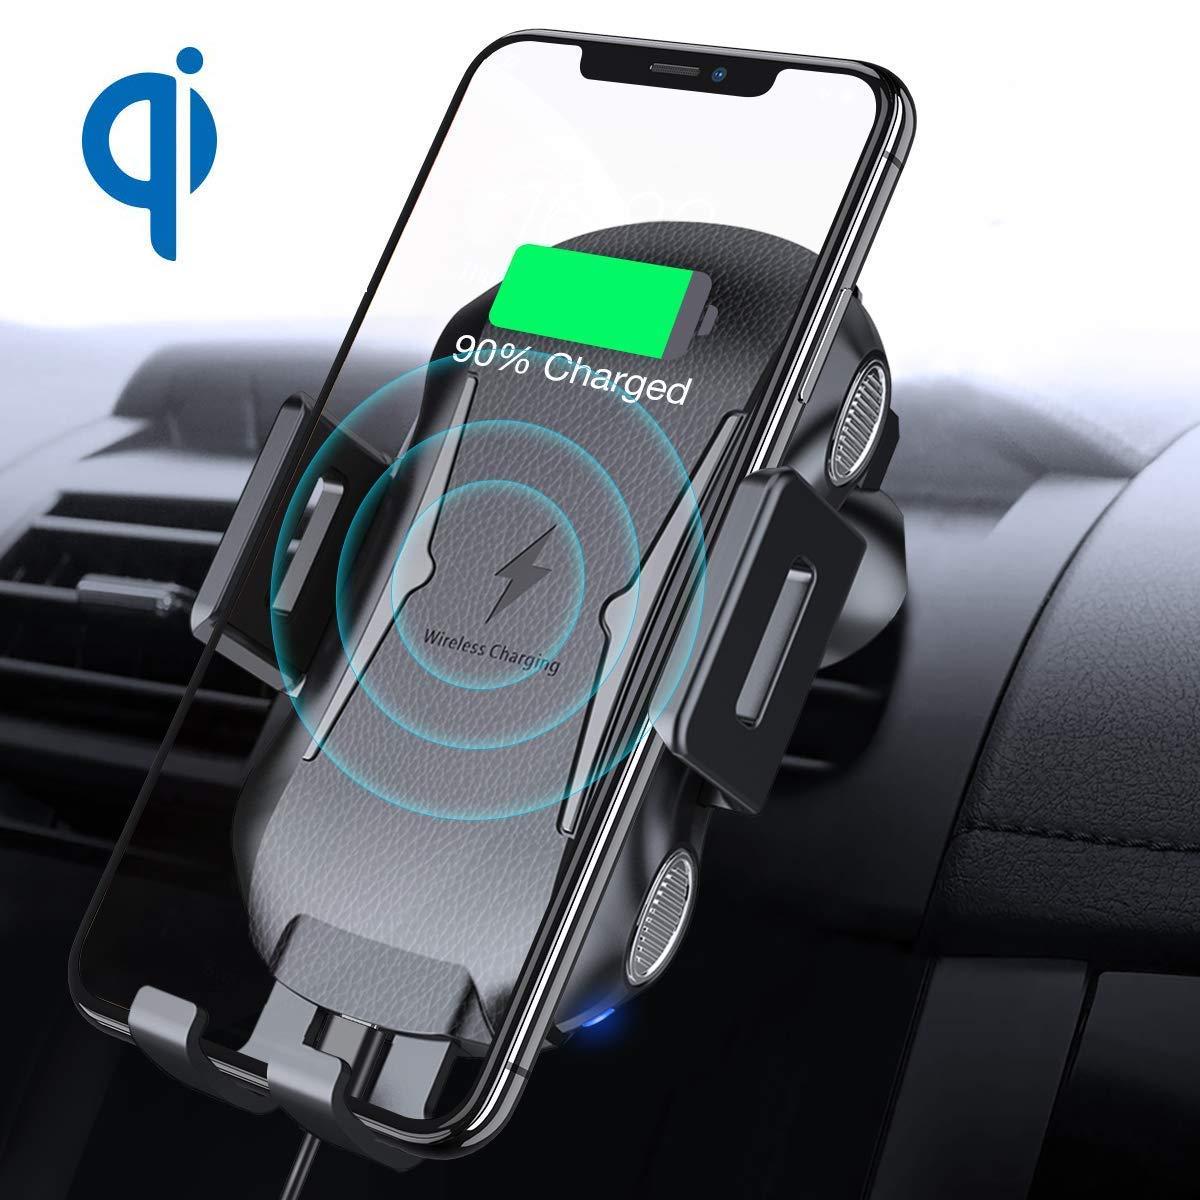 【IMDEN 車載Qi ワイヤレス充電器】ついに時代はここまできた!車内でラクにワイヤレス充電ができるガジェット!